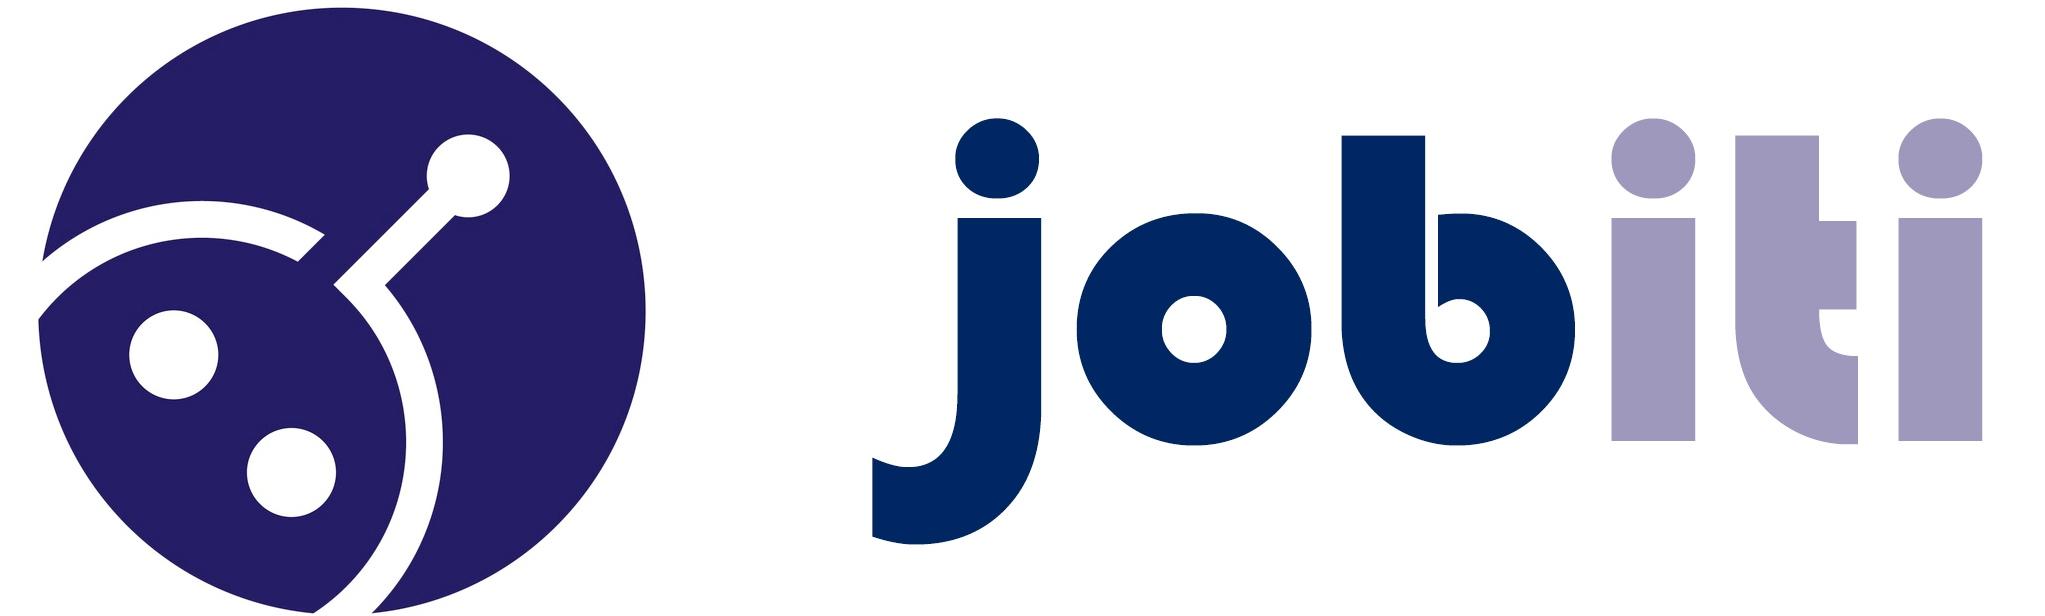 Ofertas de empleo, publica gratis vacantes de trabajo.